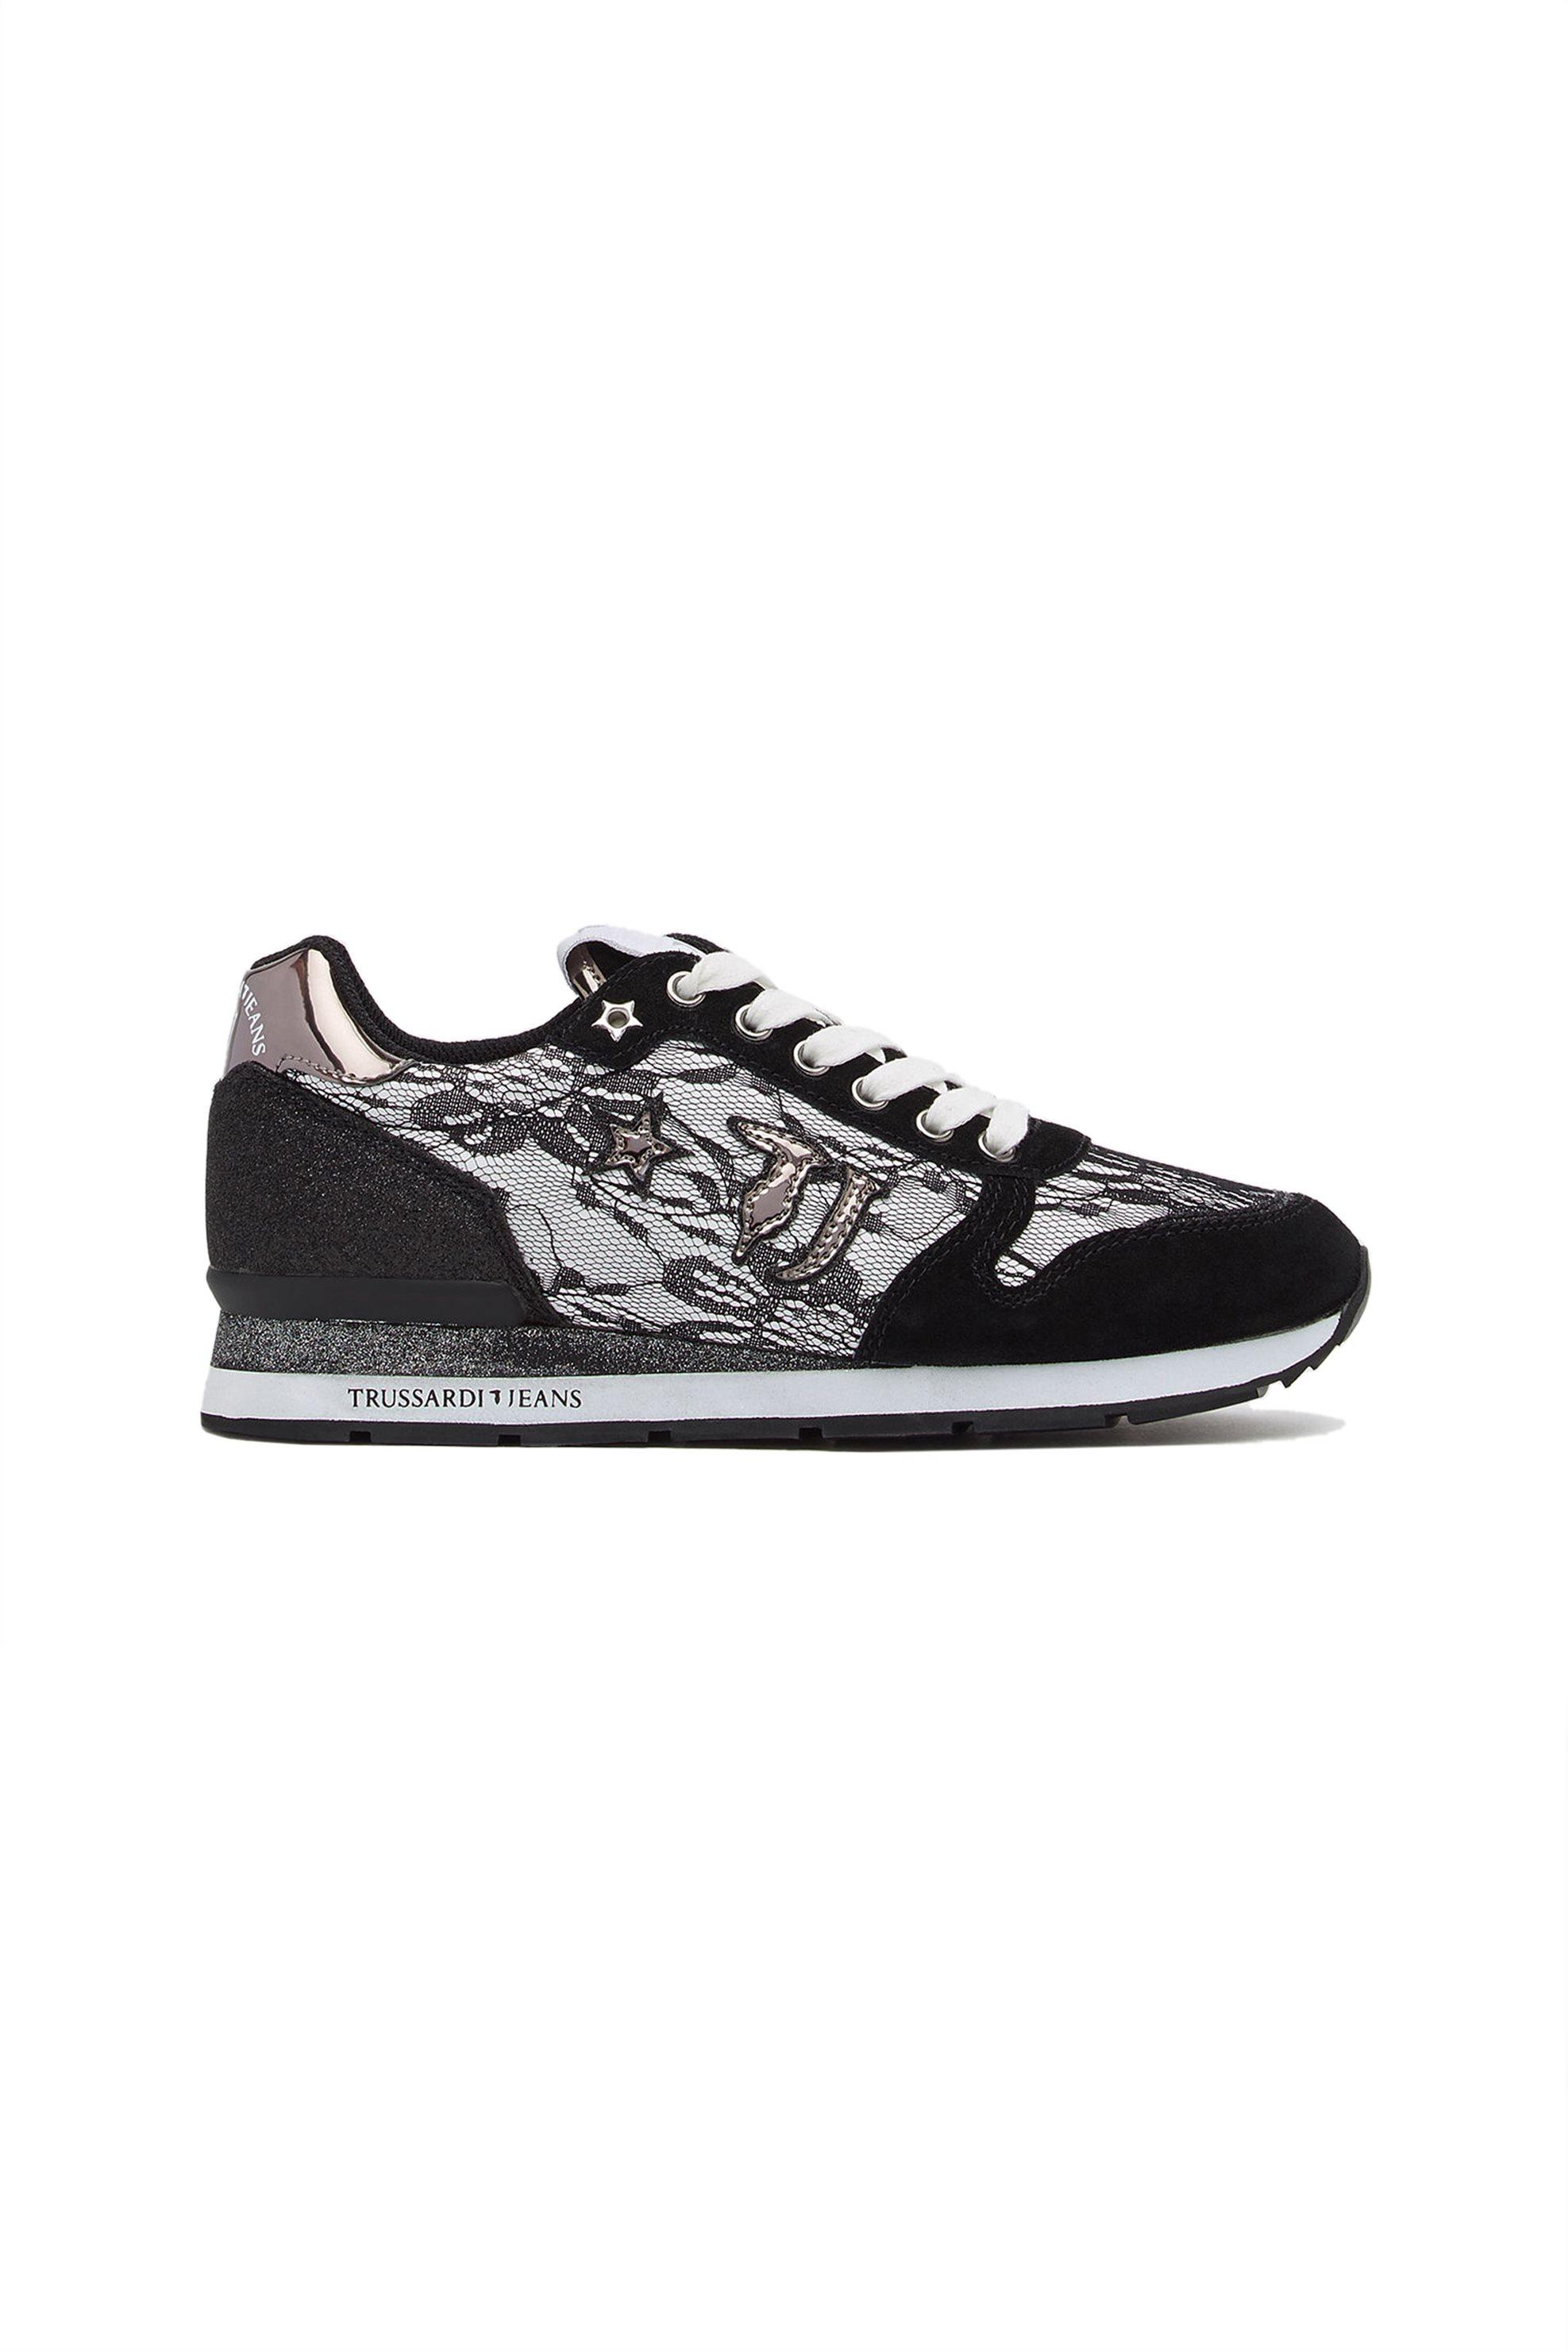 d7a4ca6d5d8 Γυναικεία > Παπούτσια > Casual > Sneakers / Γυναικεία Sneakers ...